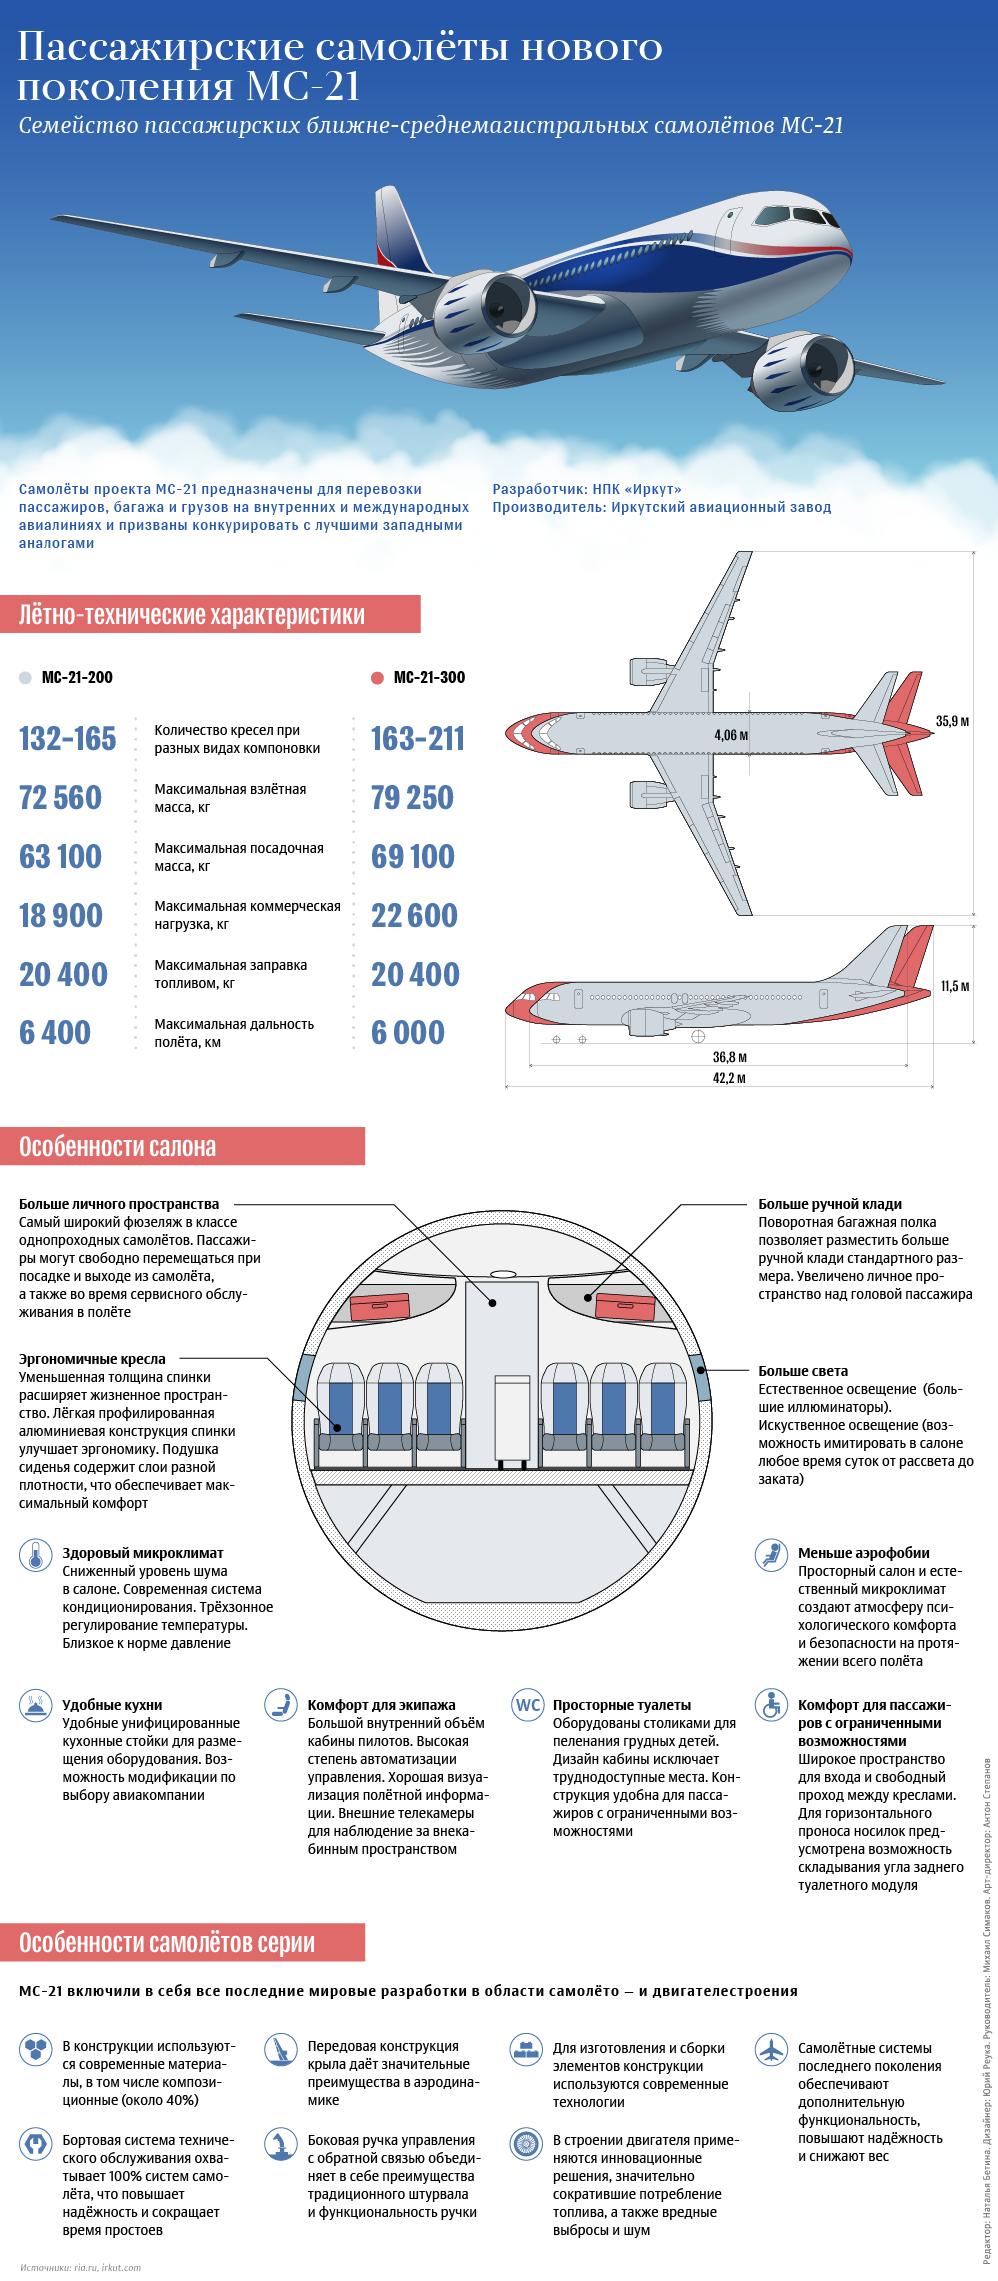 Самолет ту-154: технически характеристики, схема салона и отзывы туристов